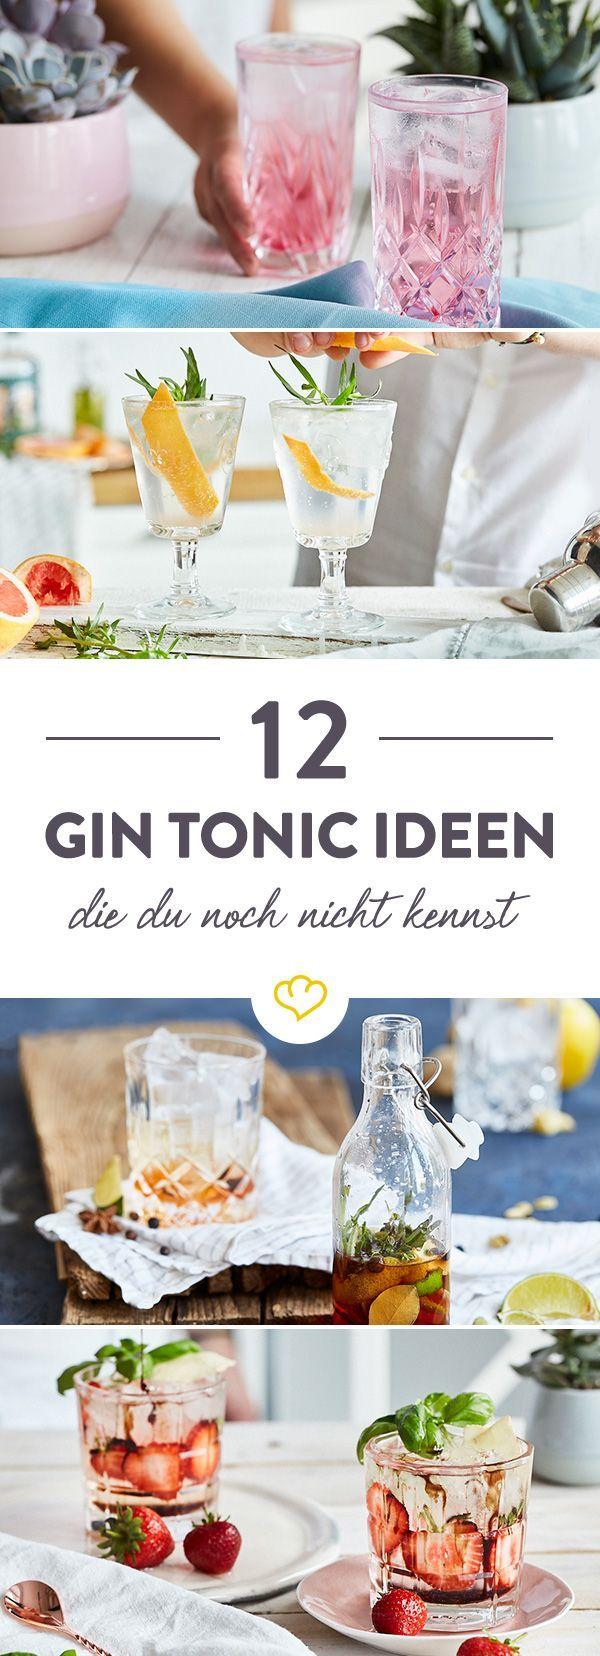 Kein Gin & Tonic ist wie der andere. Hier findest du nicht nur 12 fantastische Varianten, die du vielleicht noch nicht kennst sondern auch Tipps und Tricks.